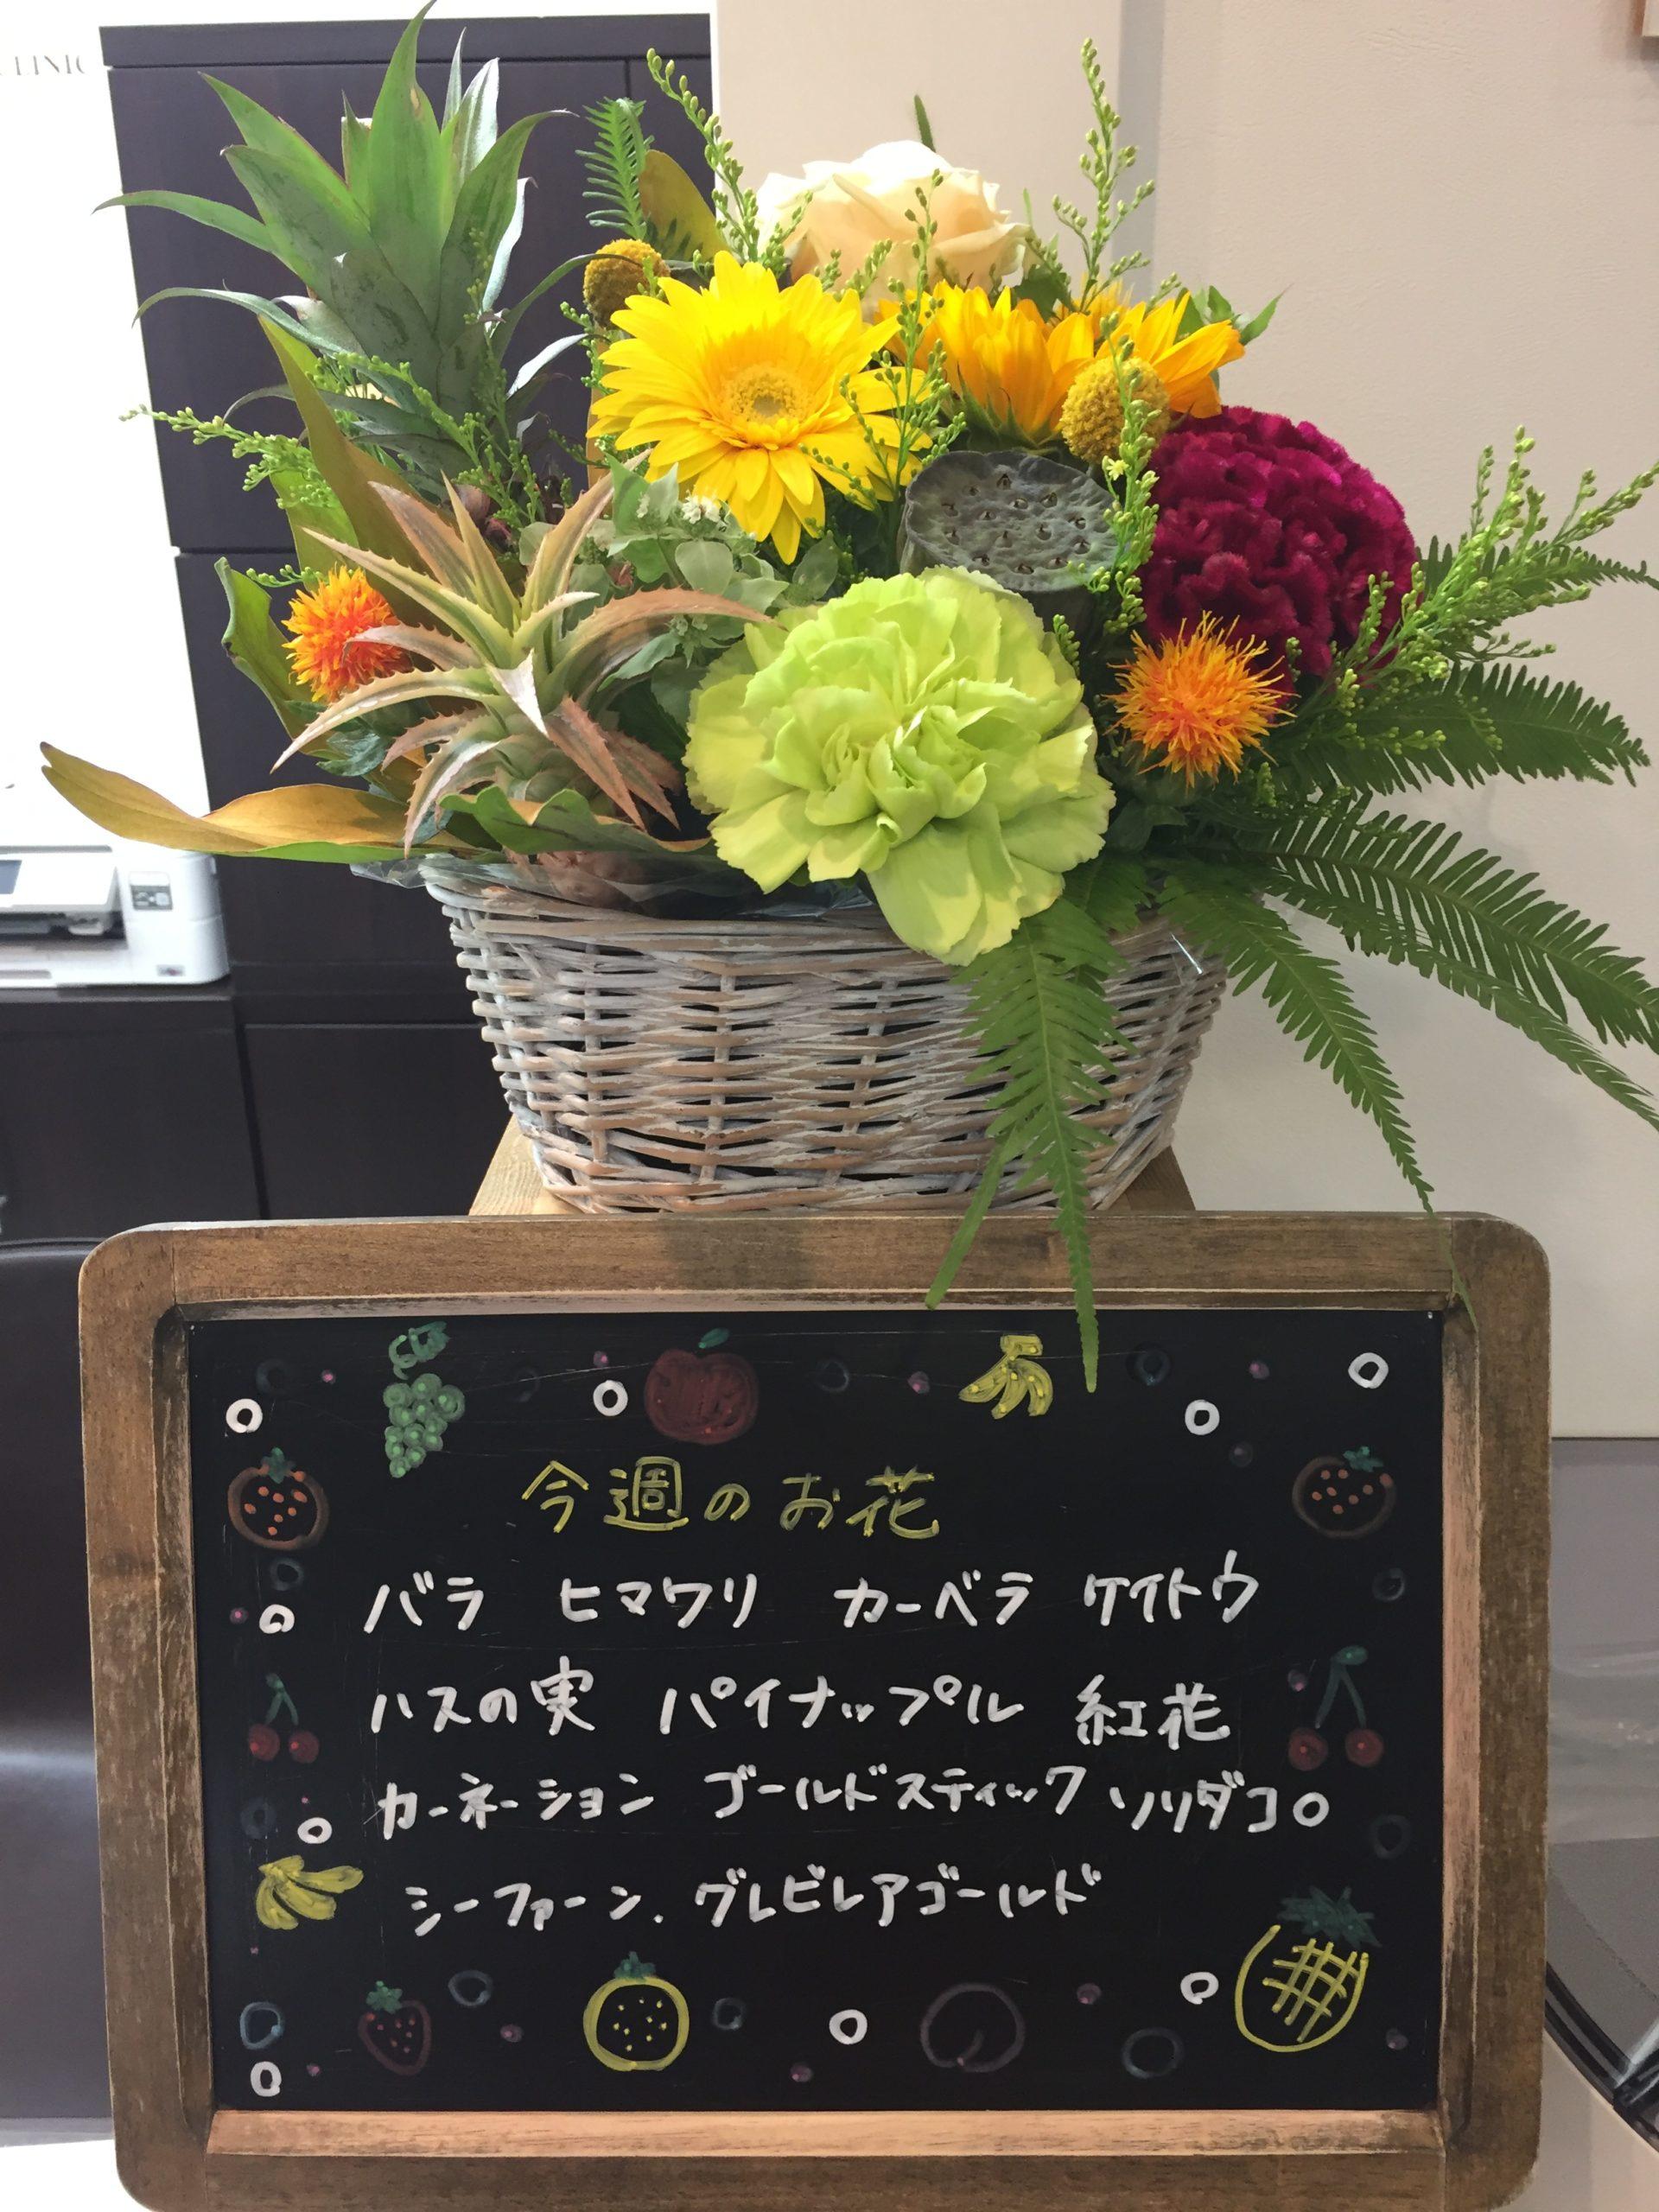 今週(7月20日〜)のお花